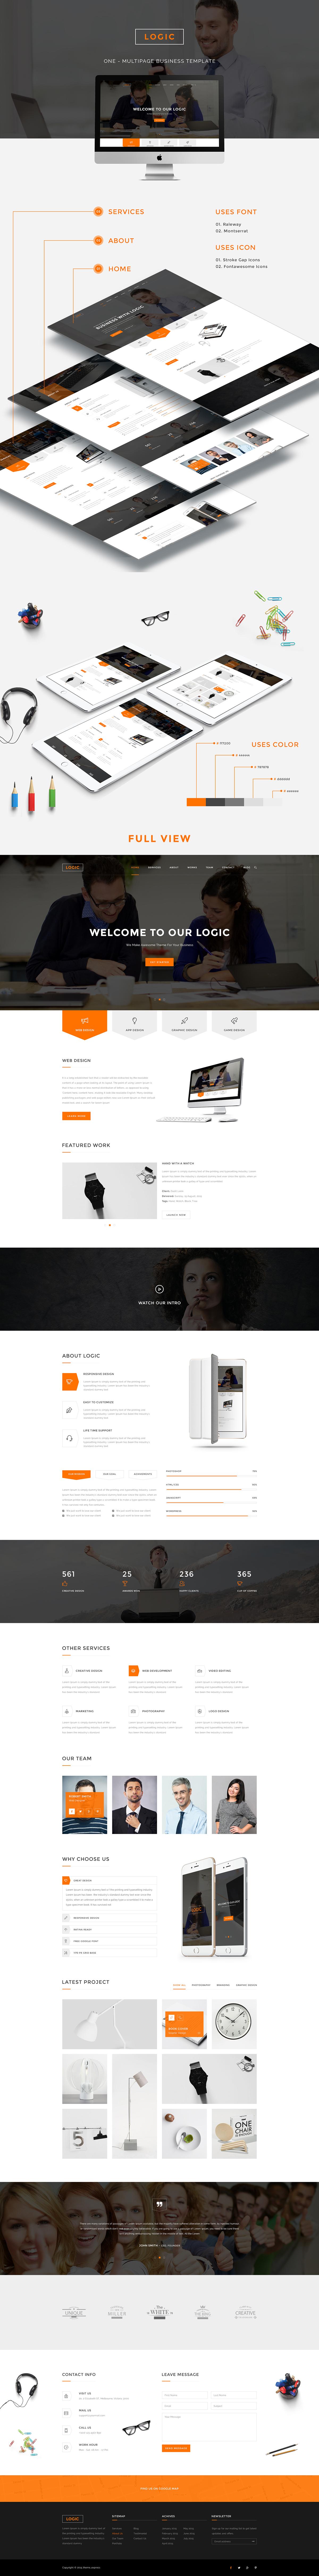 Web design free UI template free psd corporate Creative Design